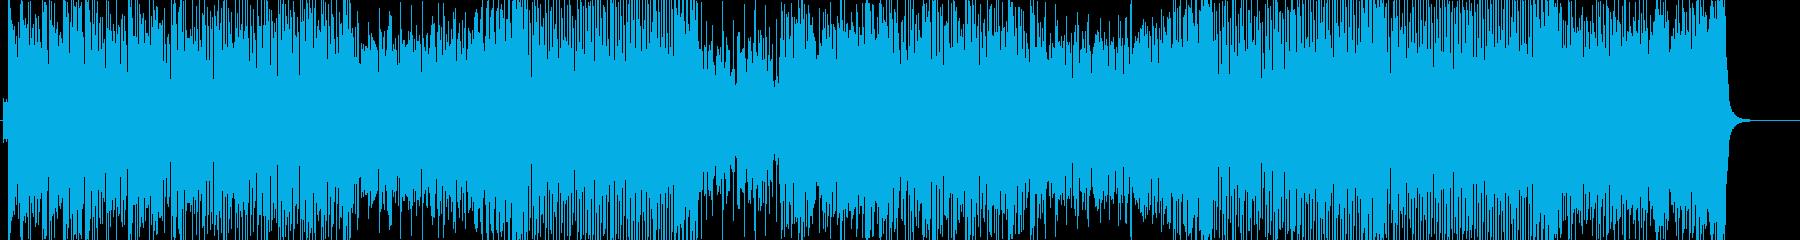 スピード 追跡 激しい 挑戦 レースの再生済みの波形